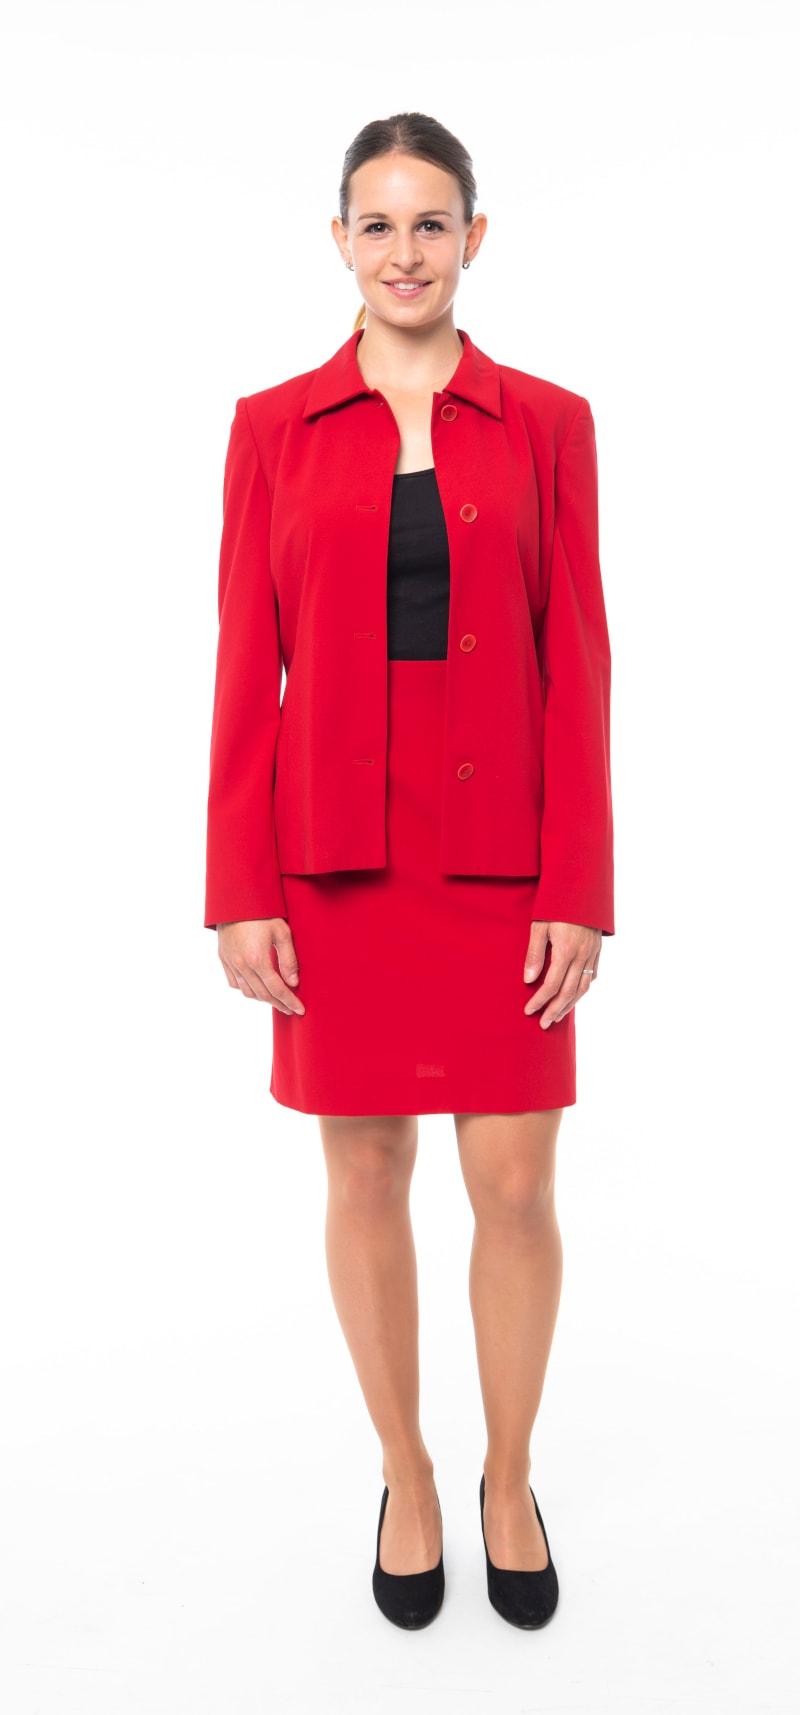 Tailleur rouge veste ouverte